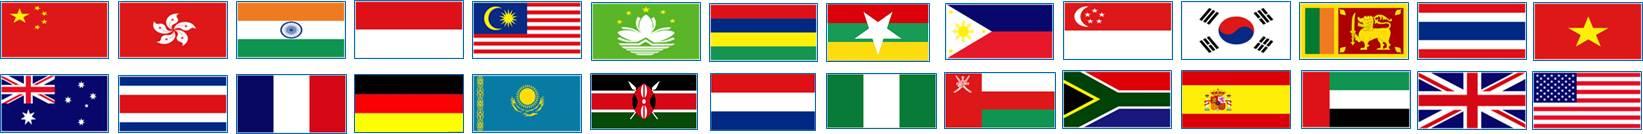 Flags Image (28) for Speaker Portfolio 0718.jpg